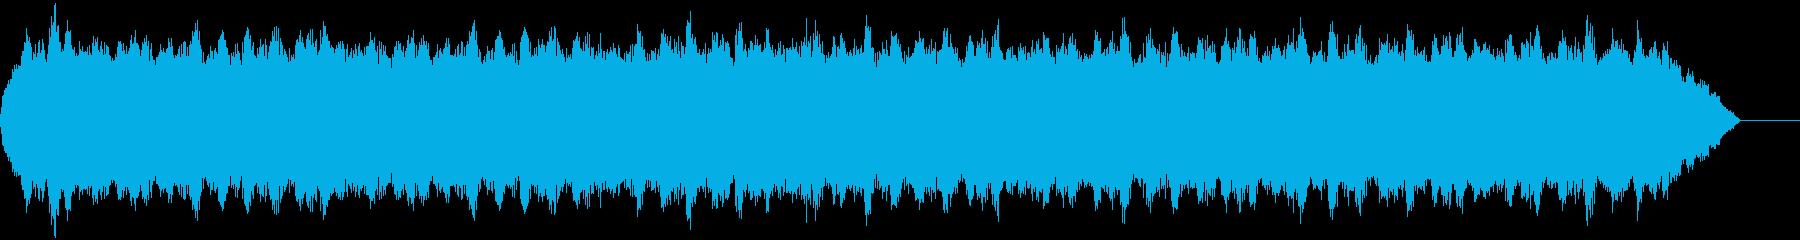 旋風のあるパルス音/微妙な背景の声...の再生済みの波形